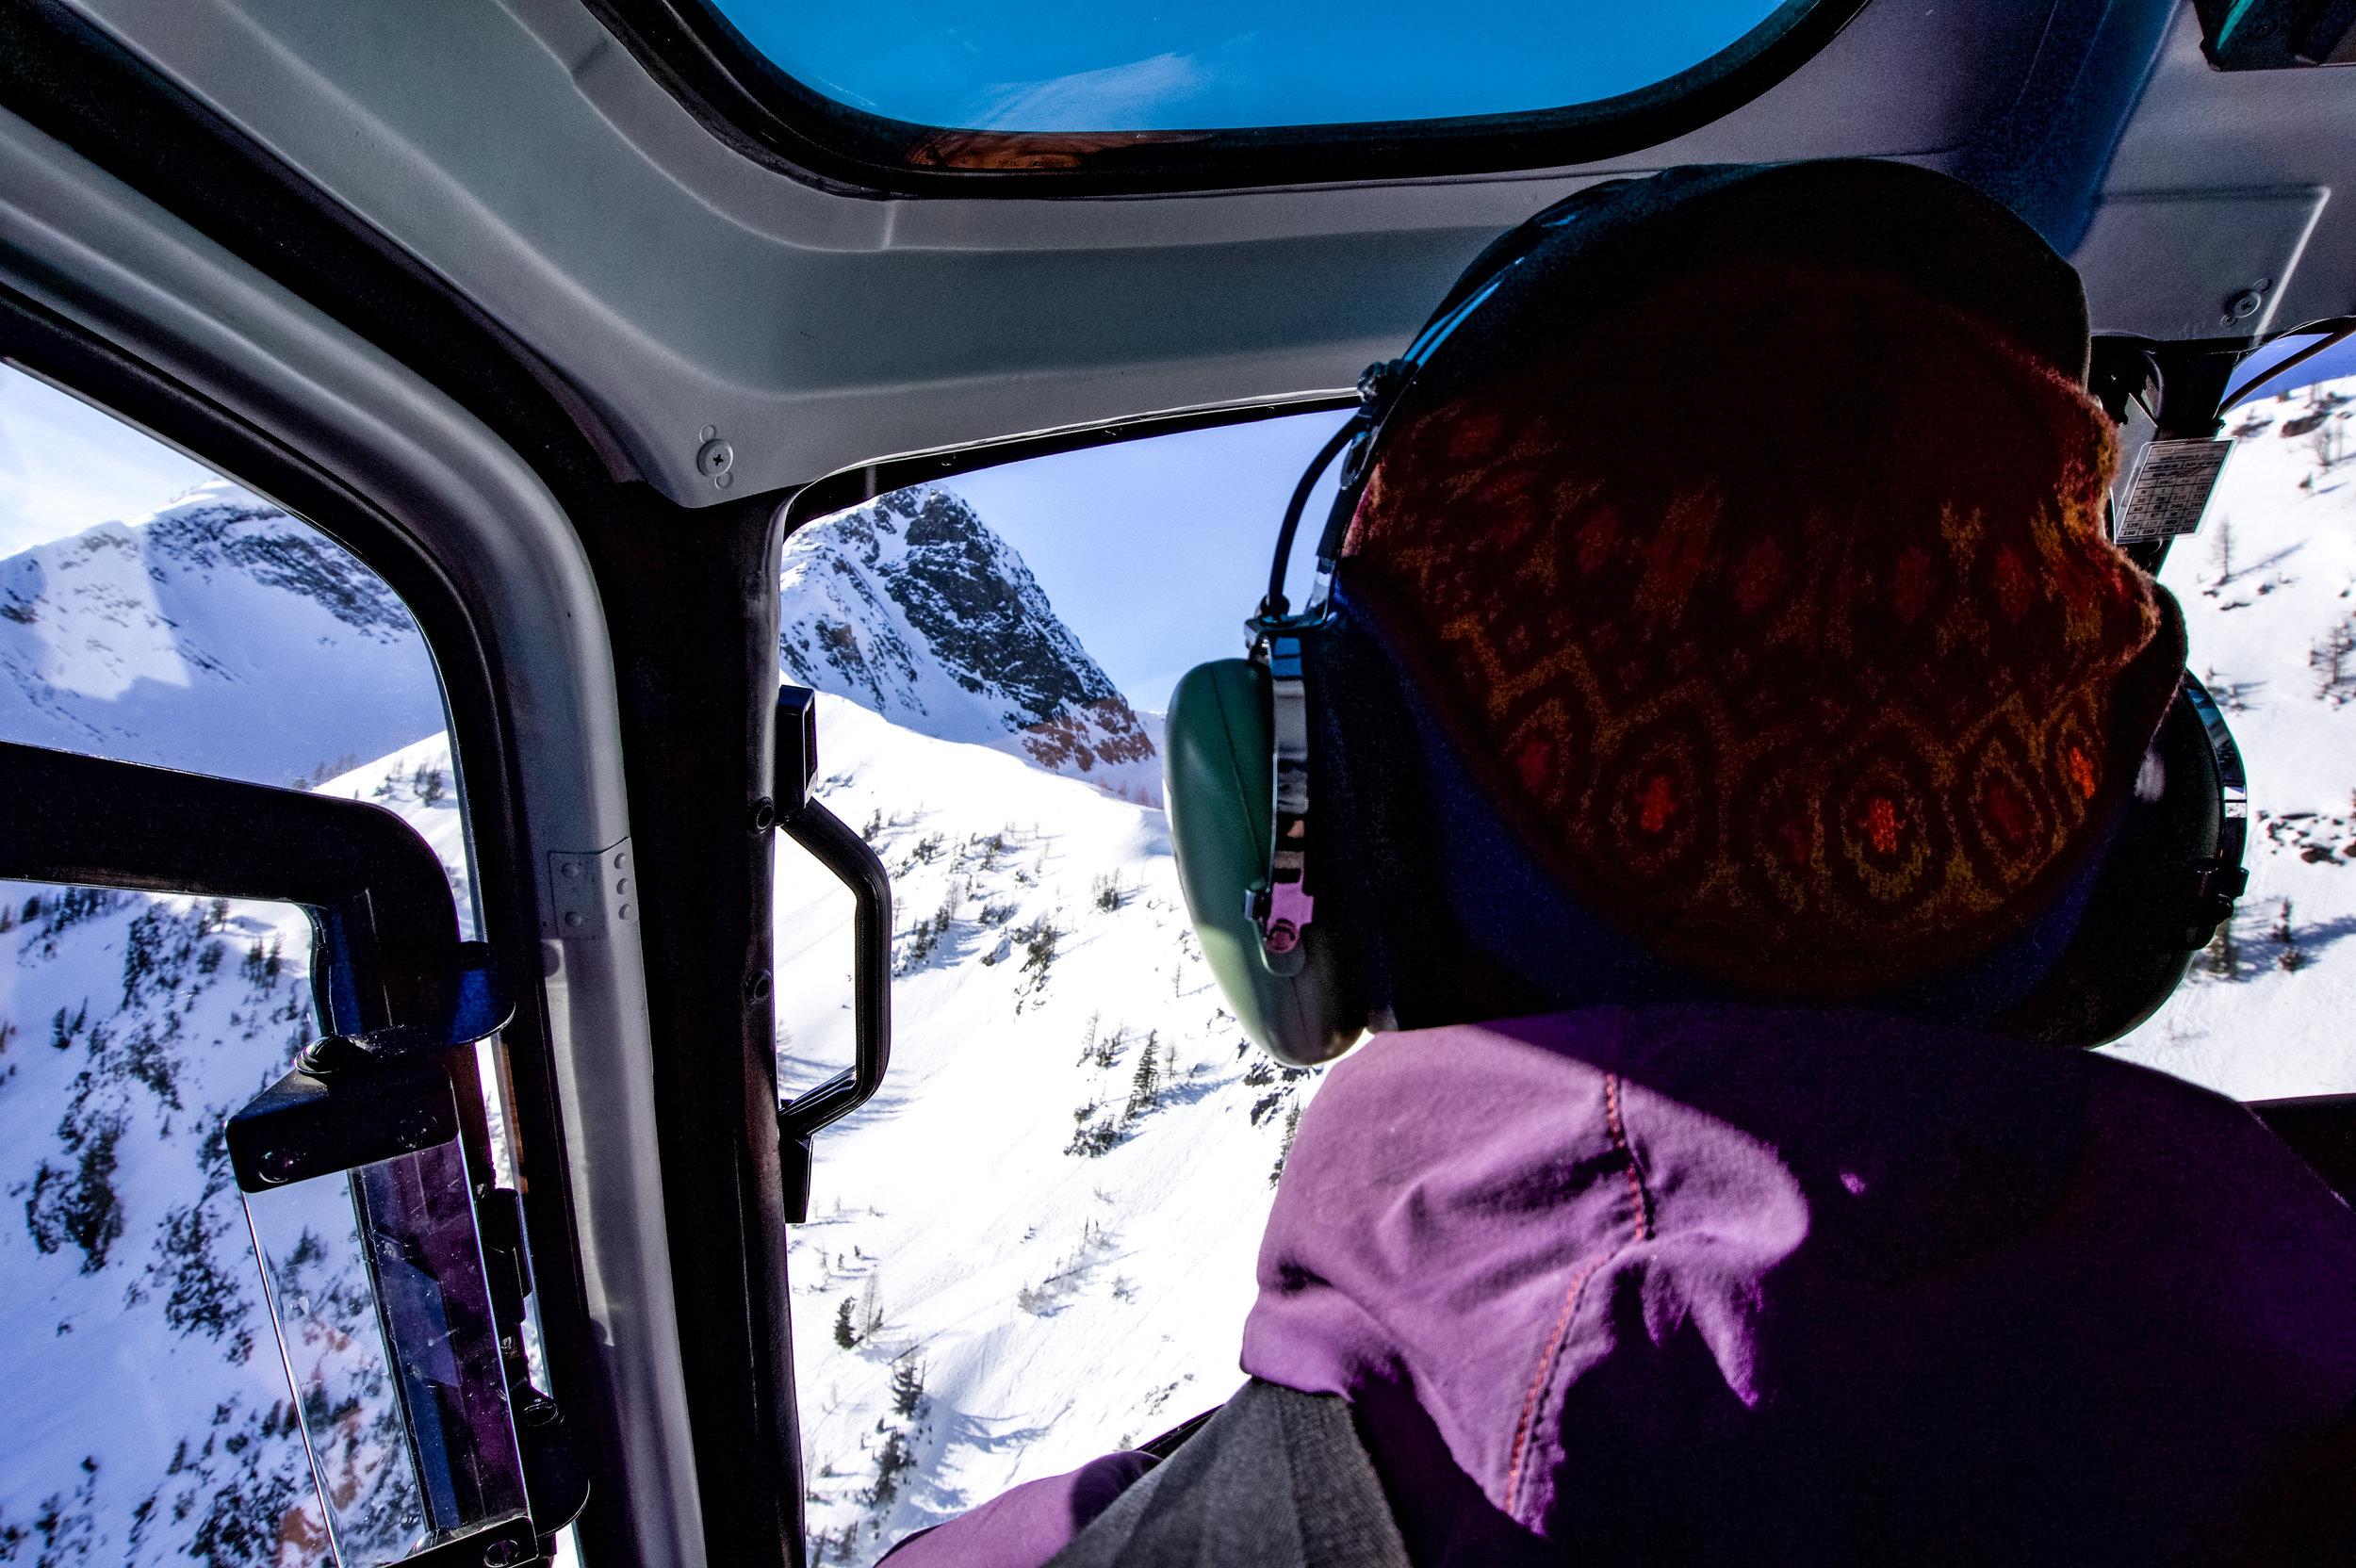 kootenay-heli-skiing.jpg